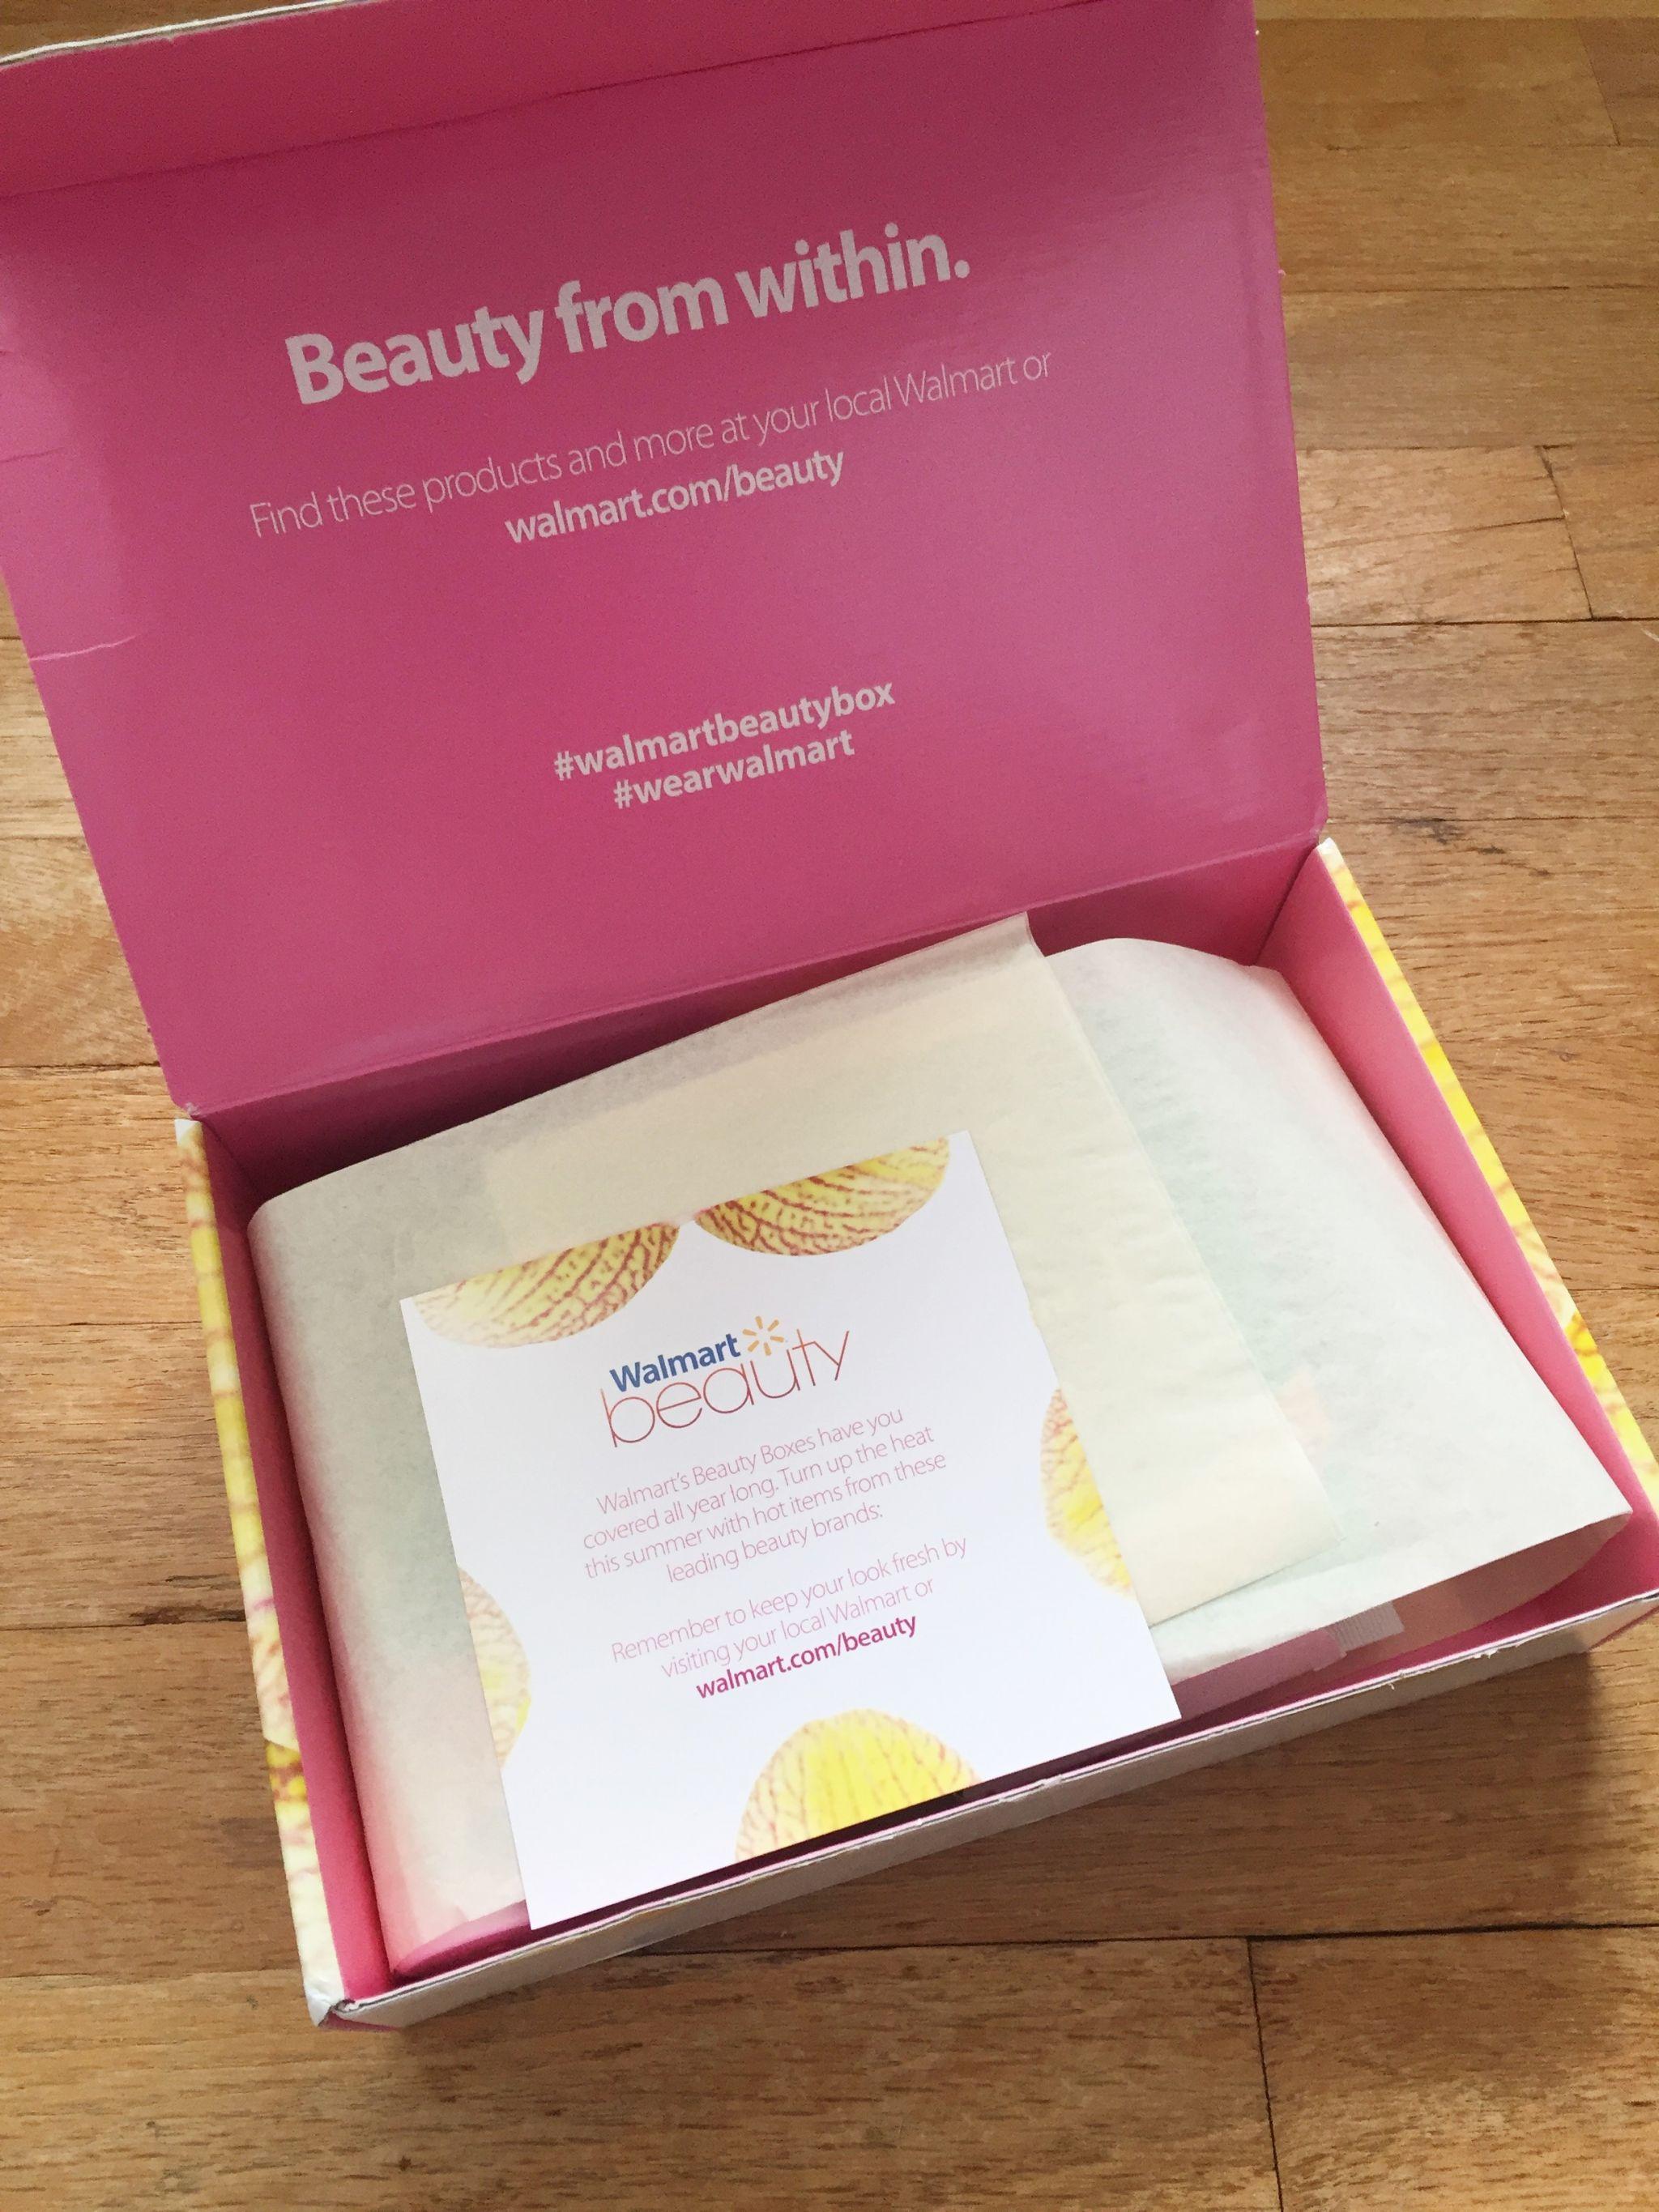 Summer Walmart Beauty Box Review